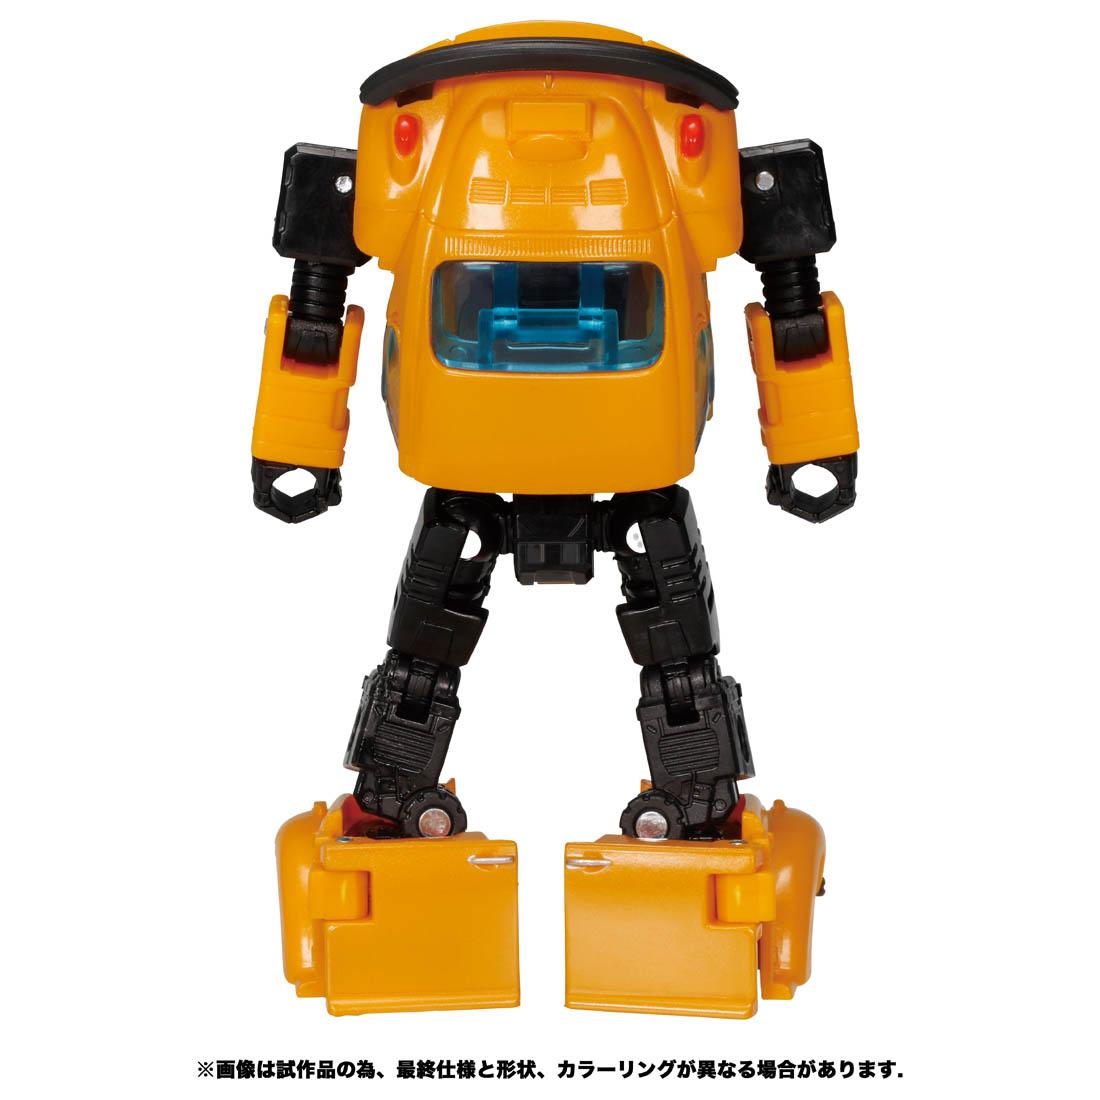 トランスフォーマー ウォーフォーサイバトロン『WFC-09 バンブルビー』可変可動フィギュア-005